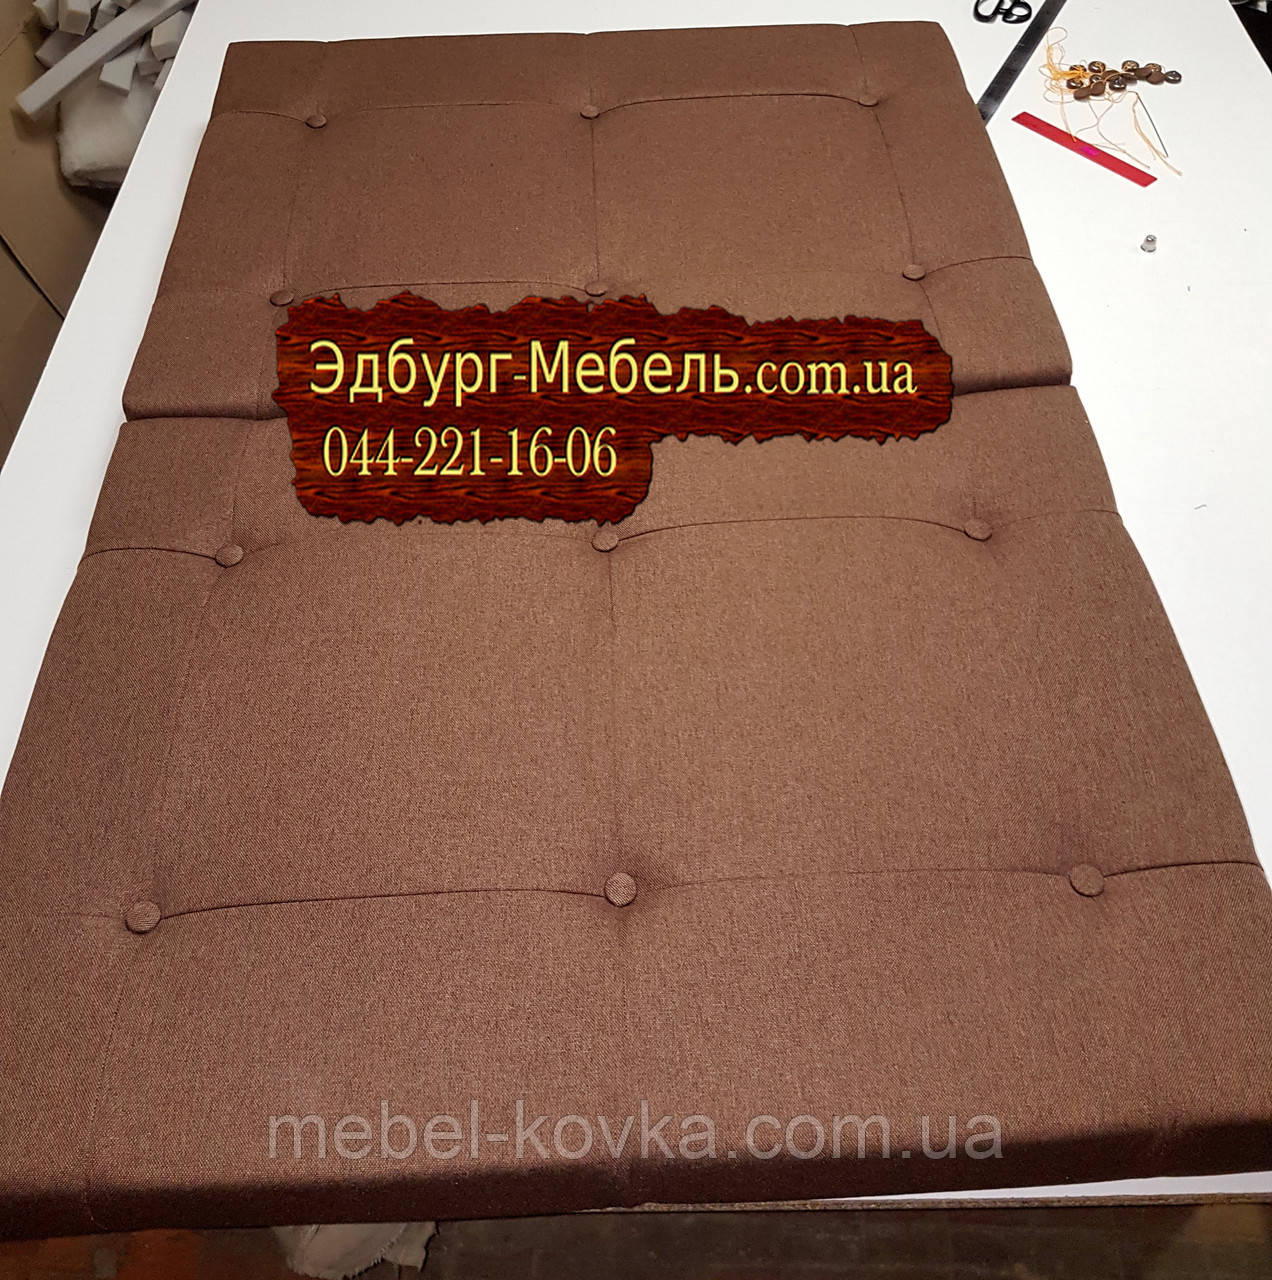 Подушки для прихожей с прошивкой